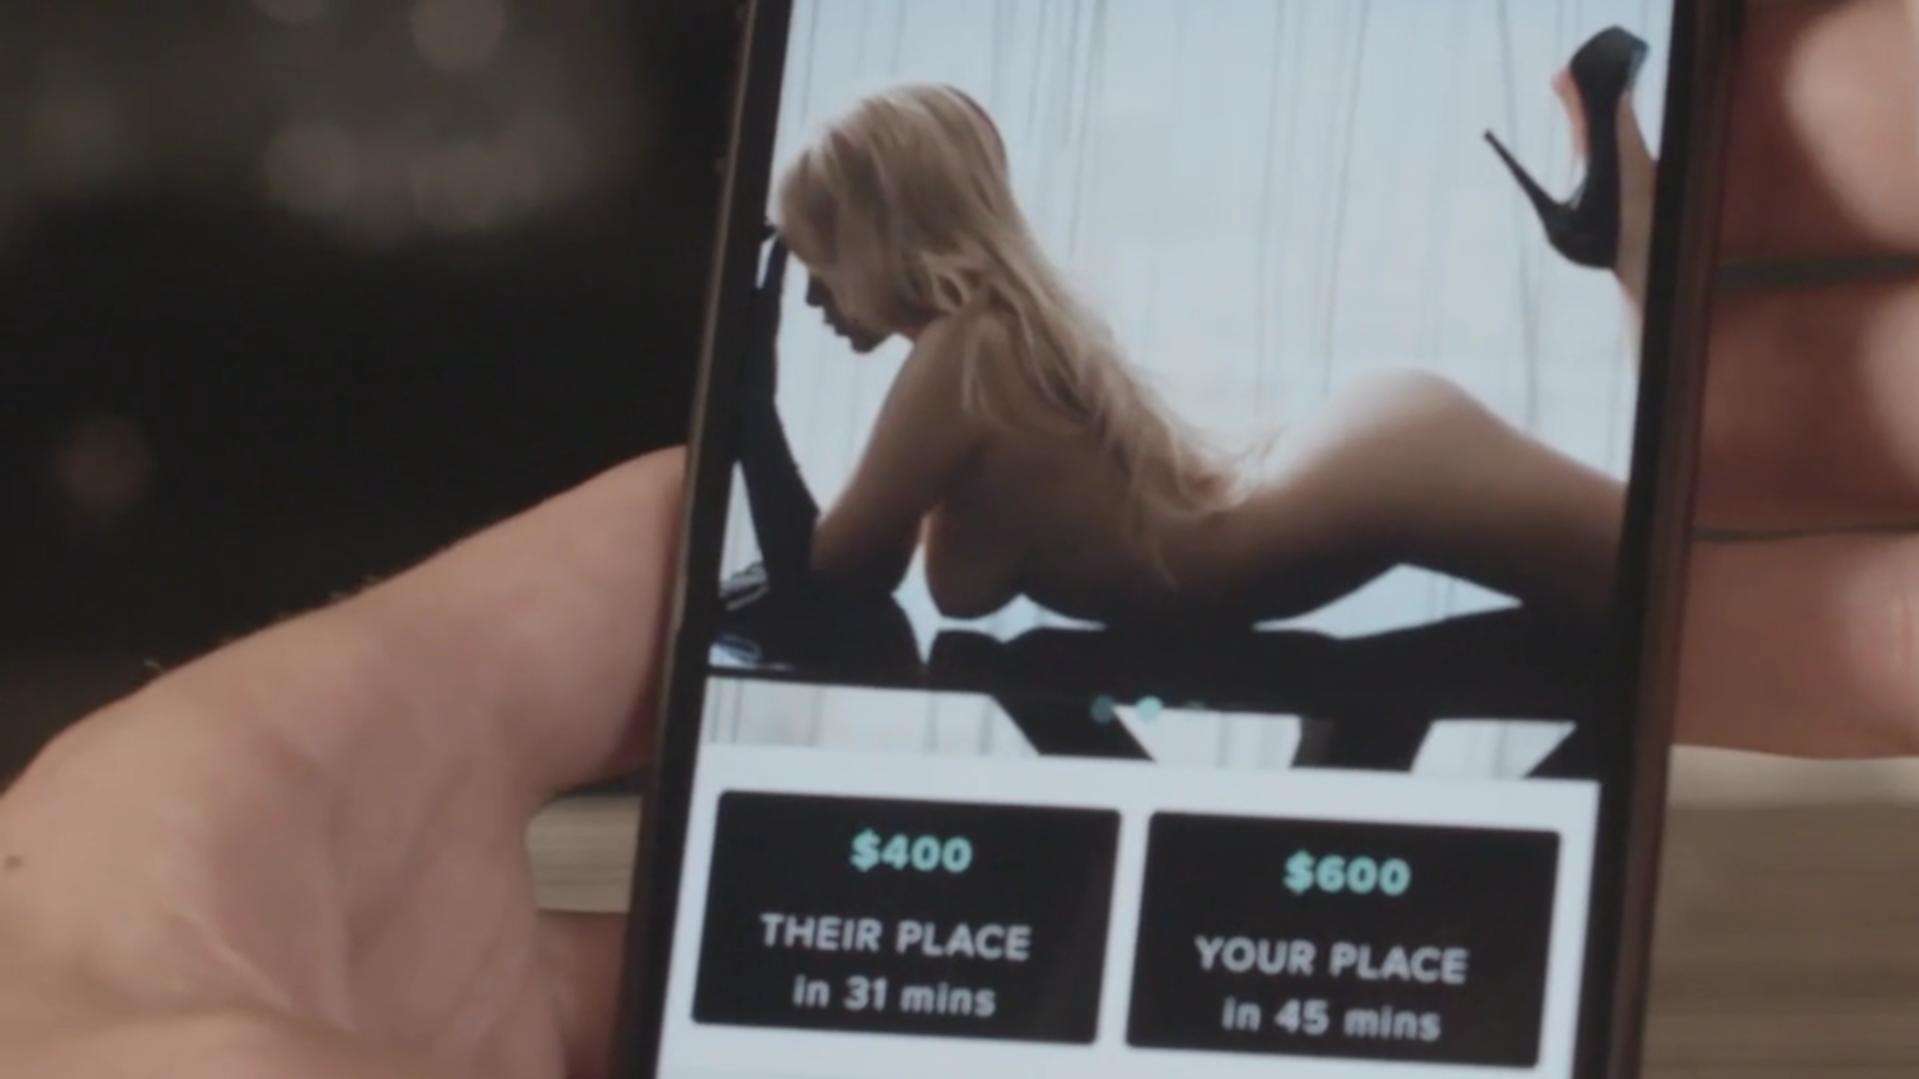 Проверка спермы, доставка марихуаны и заказ проституток: 5 безумных стартапов с WebSummit